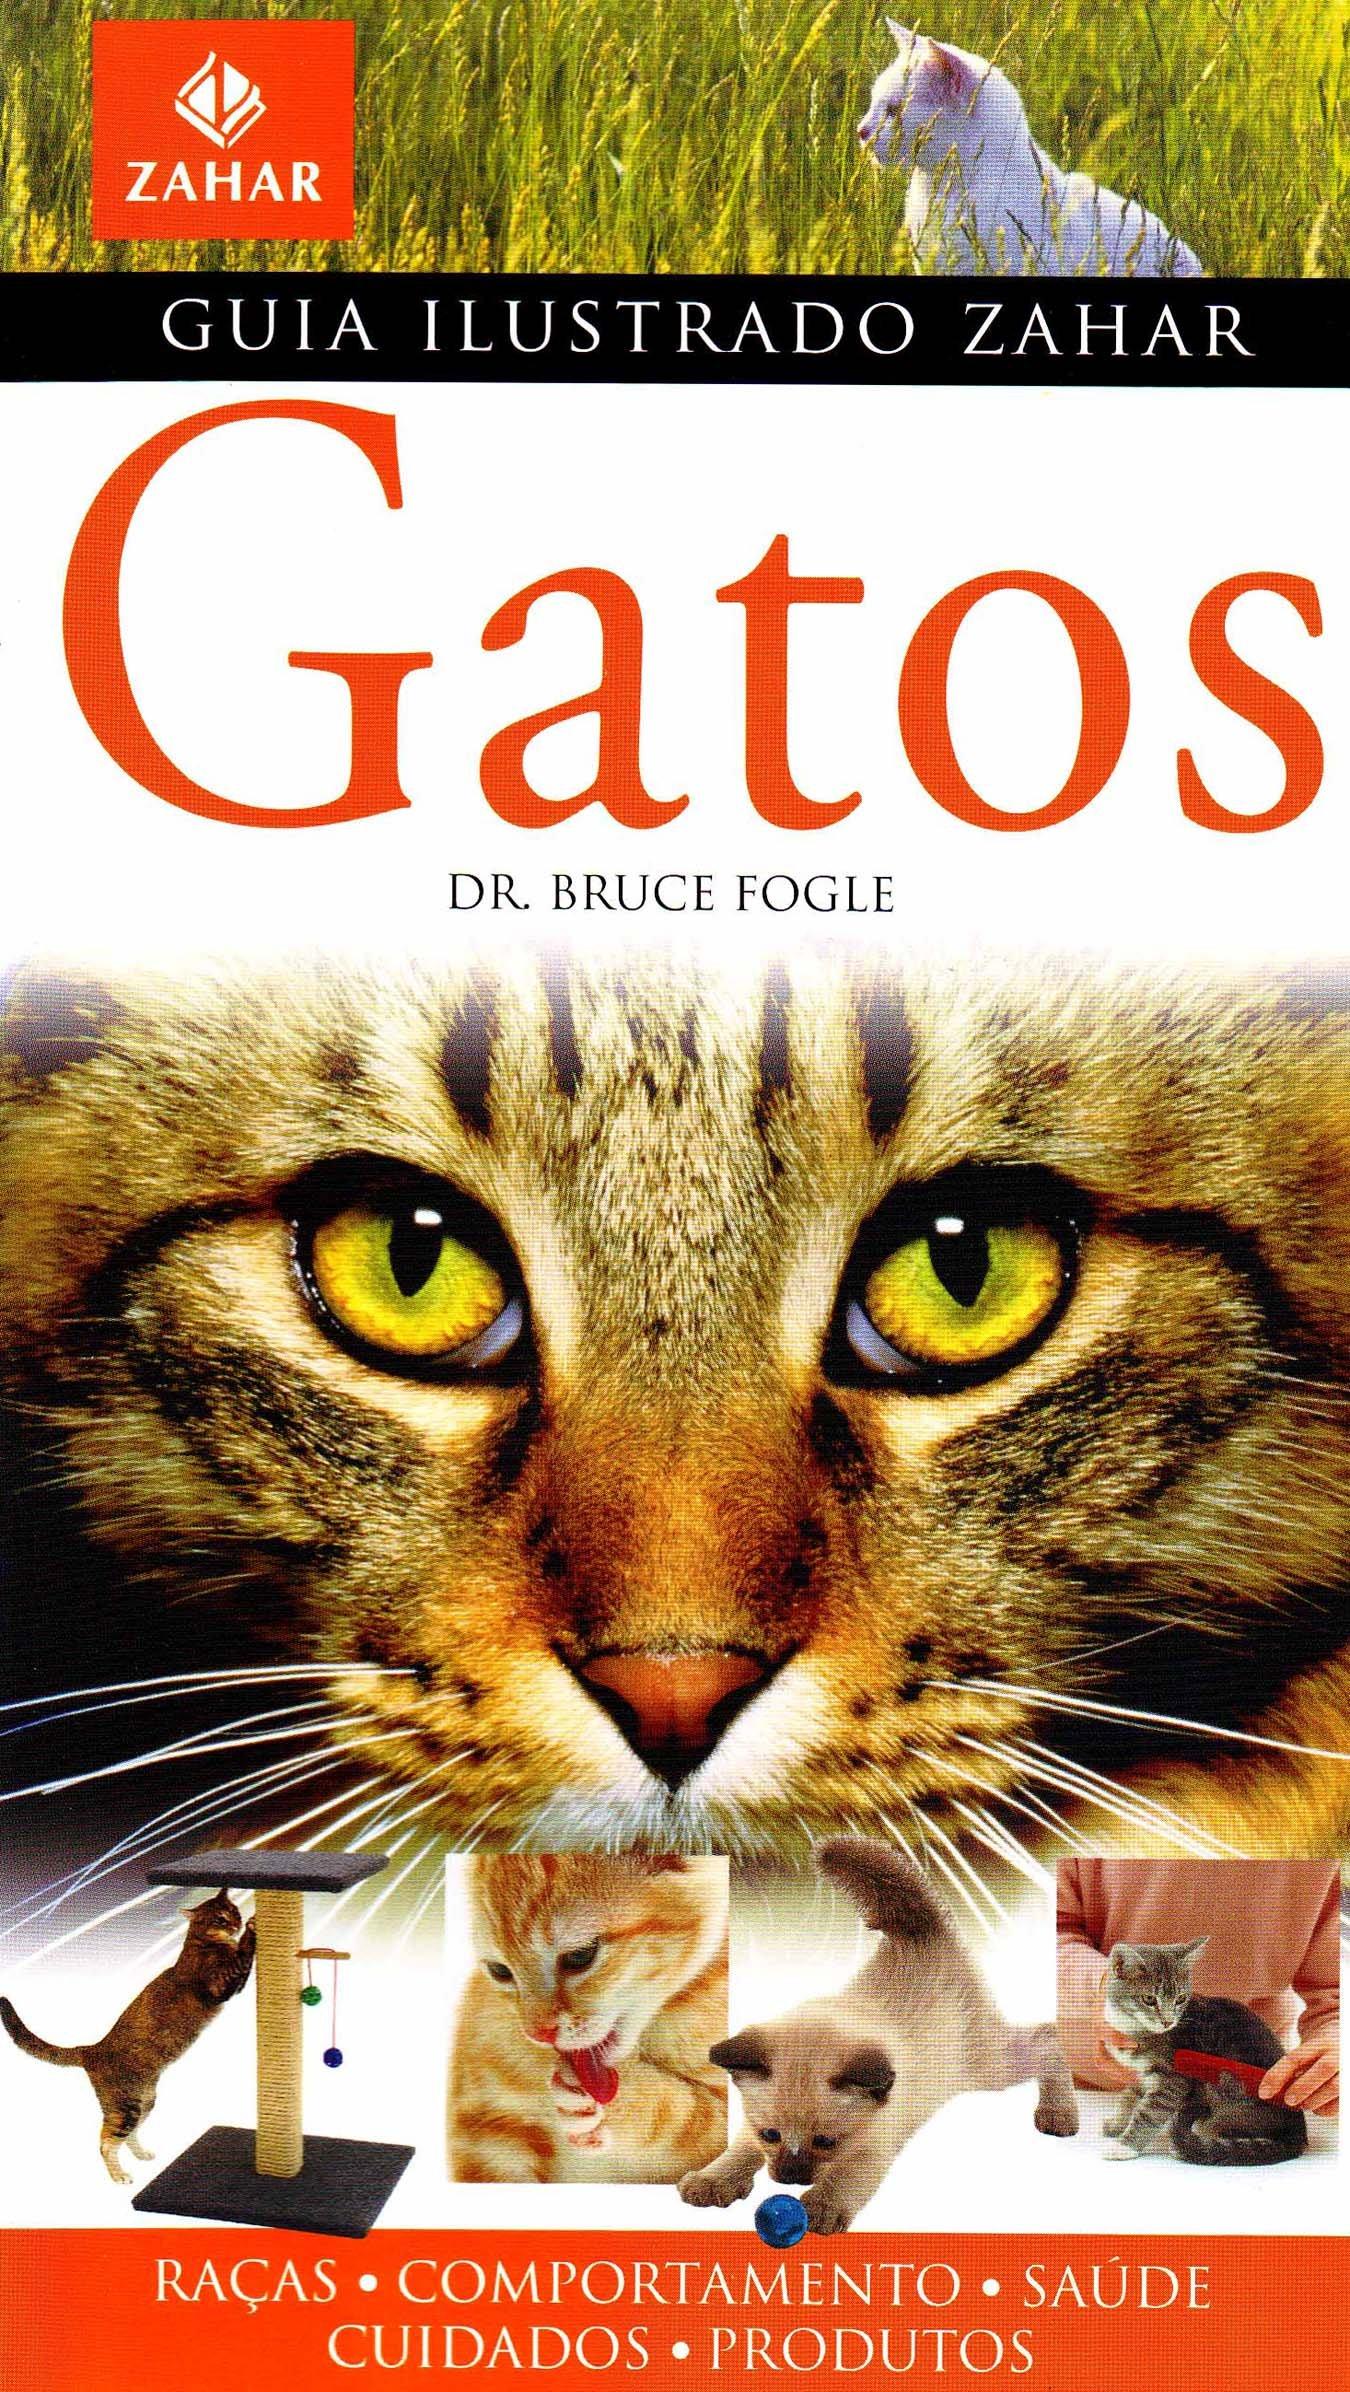 Guia Ilustrado Zahar de Gatos (Em Portugues do Brasil) (Portuguese Brazilian) Paperback – September 29, 2010